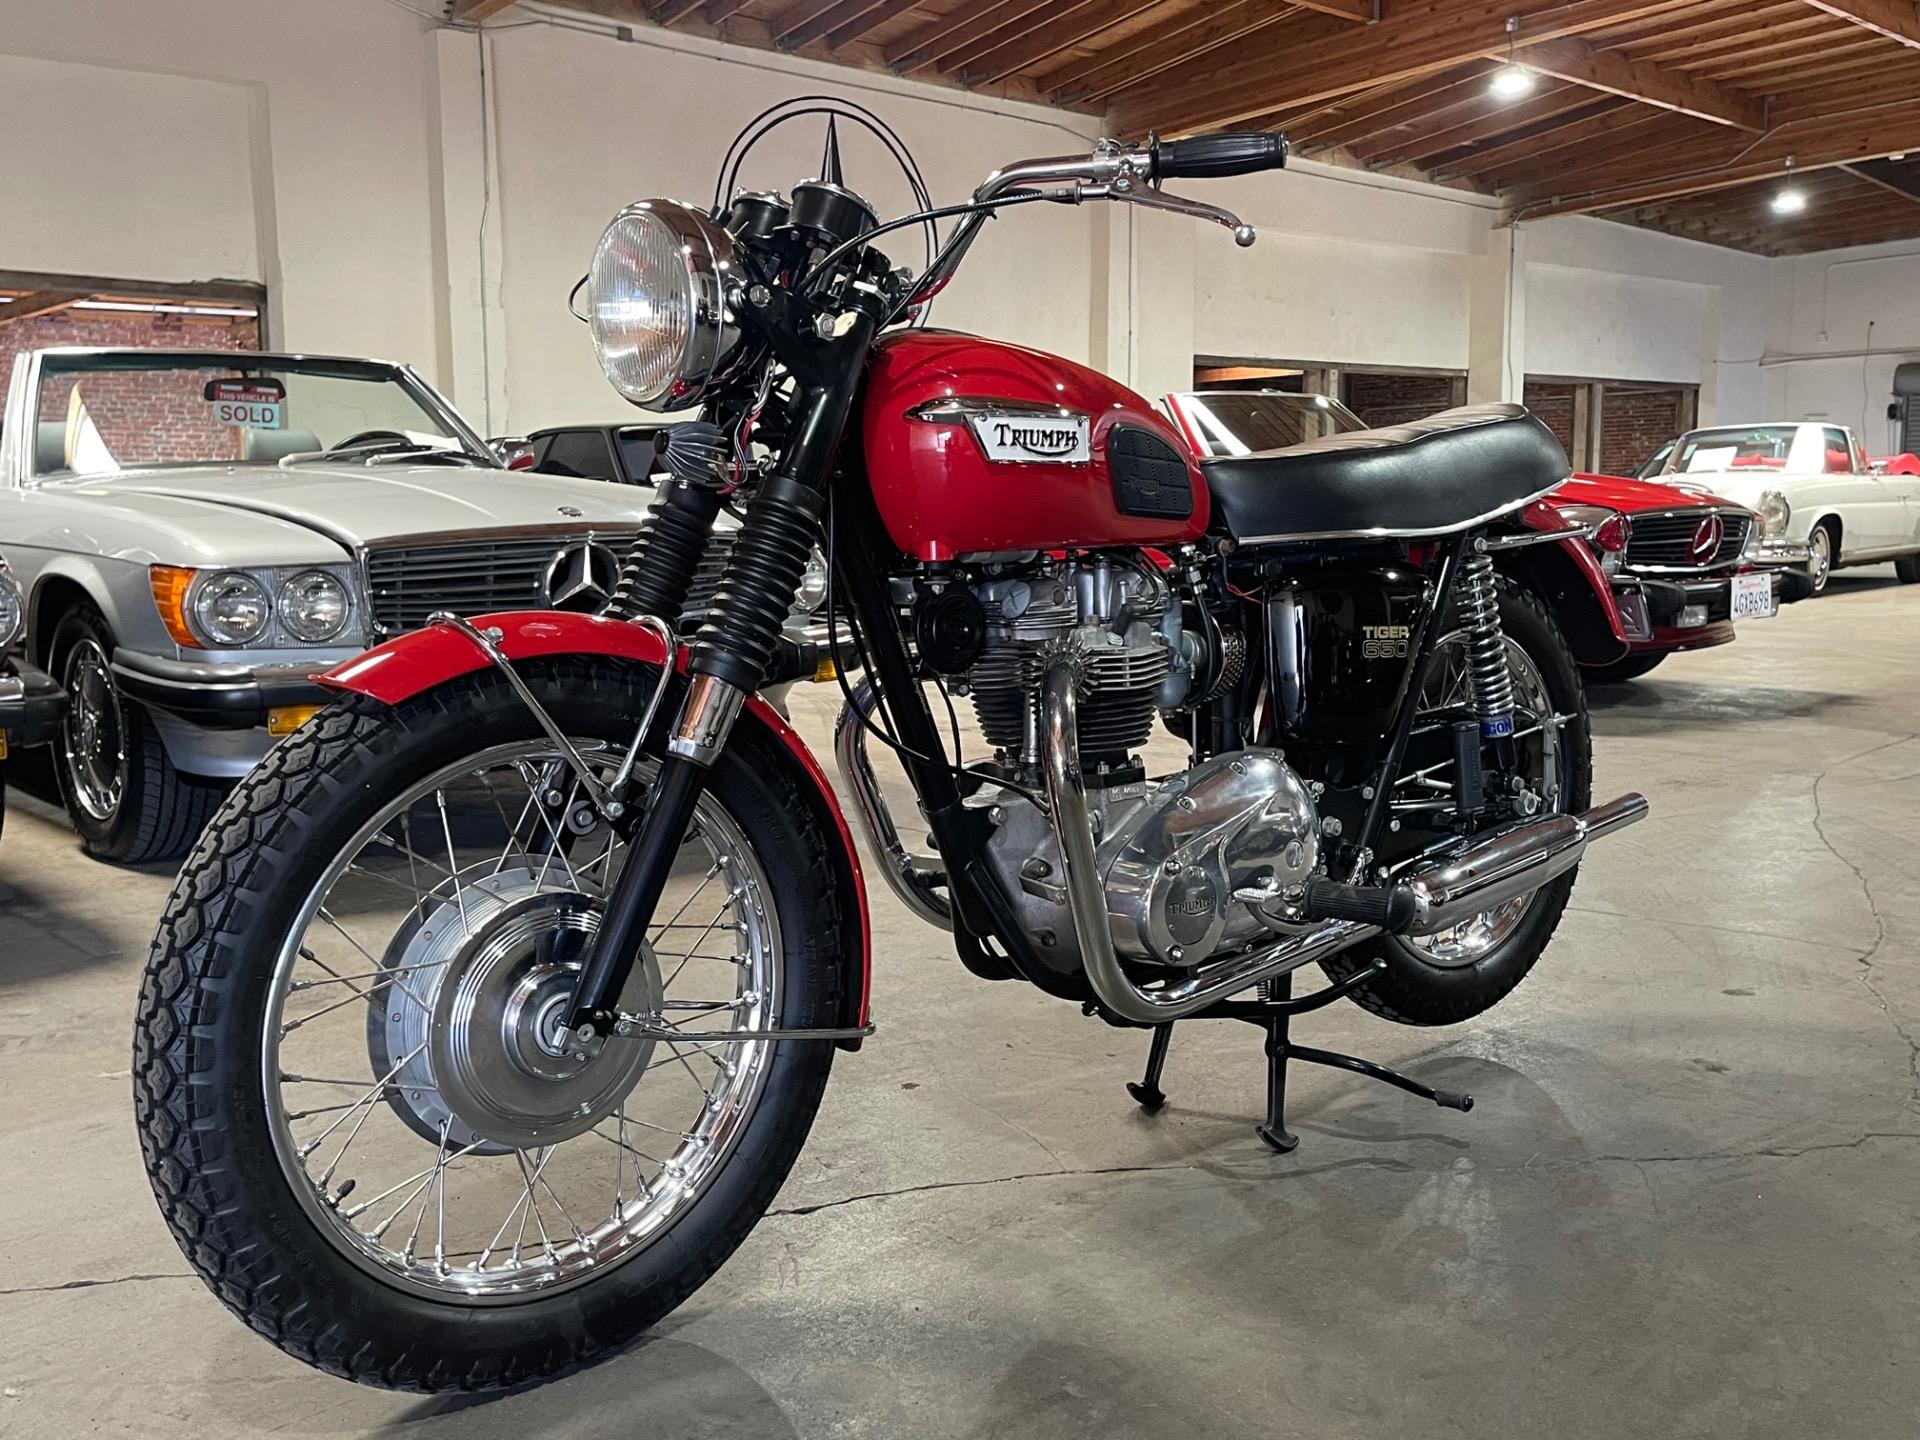 Used 1969 Triumph Tiger 650